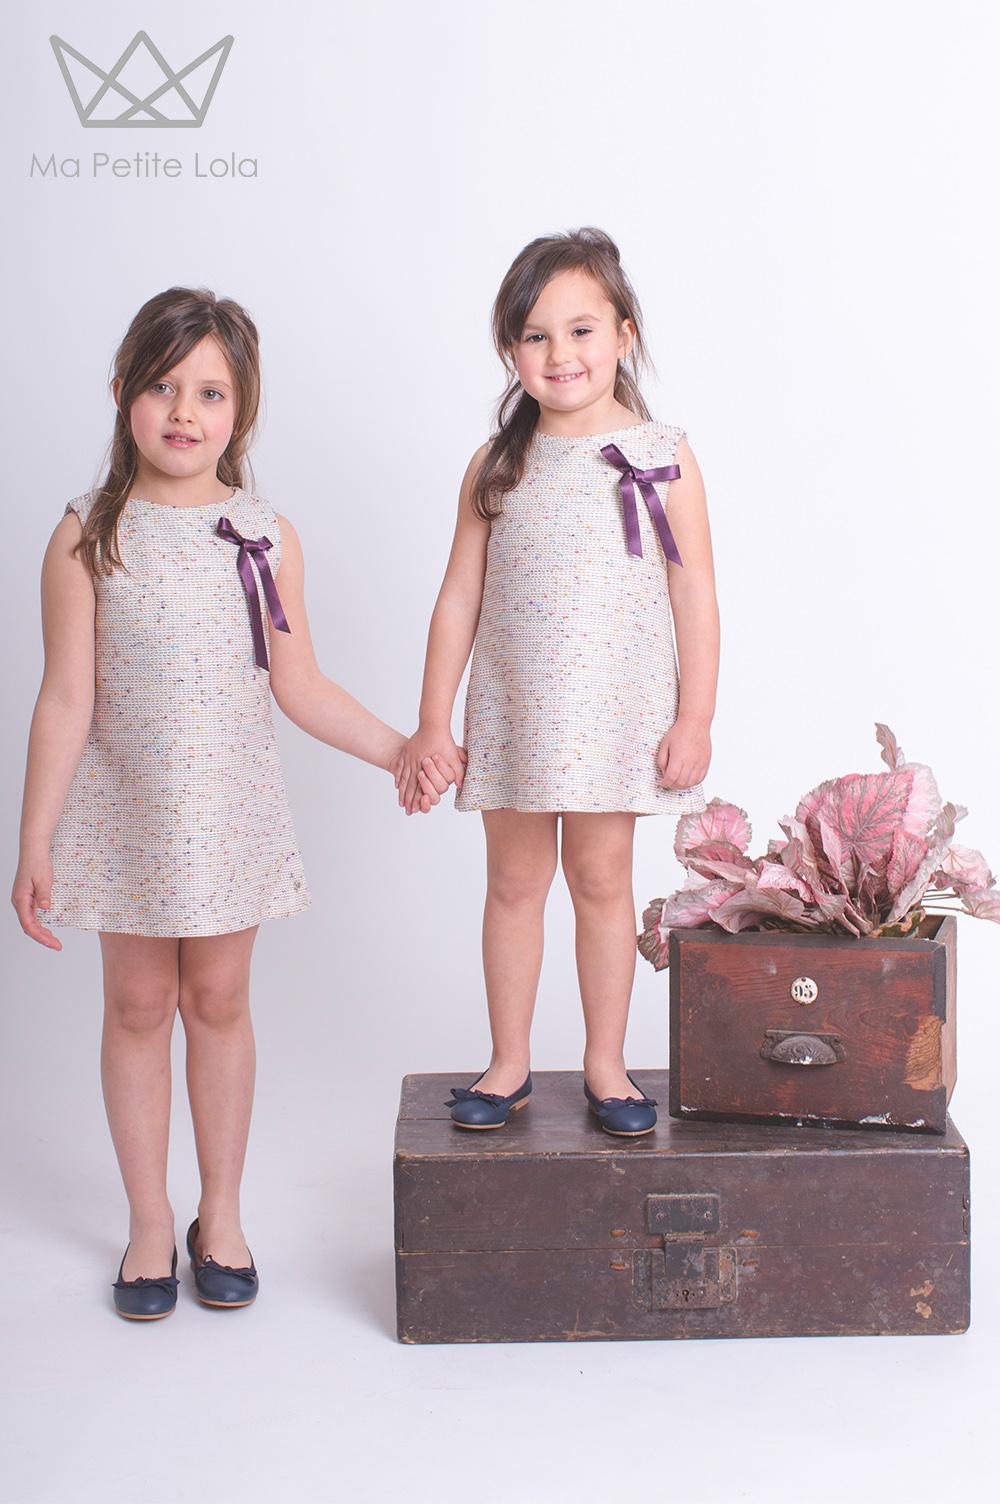 Marca de moda infantil, Ma Petite Lola, Marca ropa infantil, moda infantil made in spain